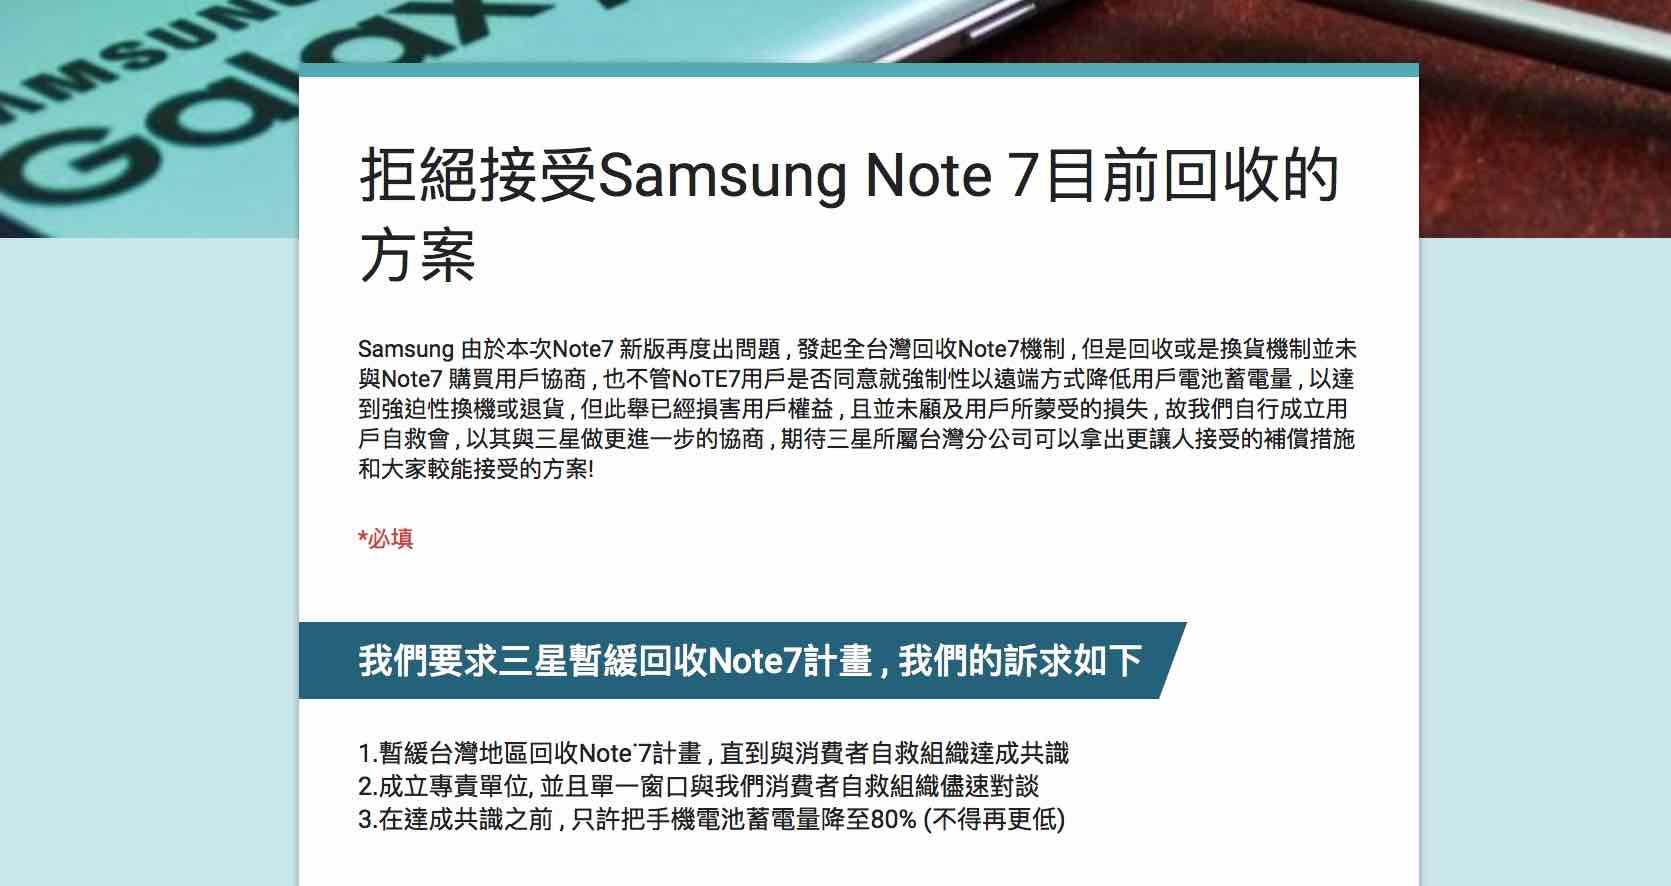 奧客無極限?Samsung Note 7 在開啟全額退費機制後仍能引起反彈…這哪招?